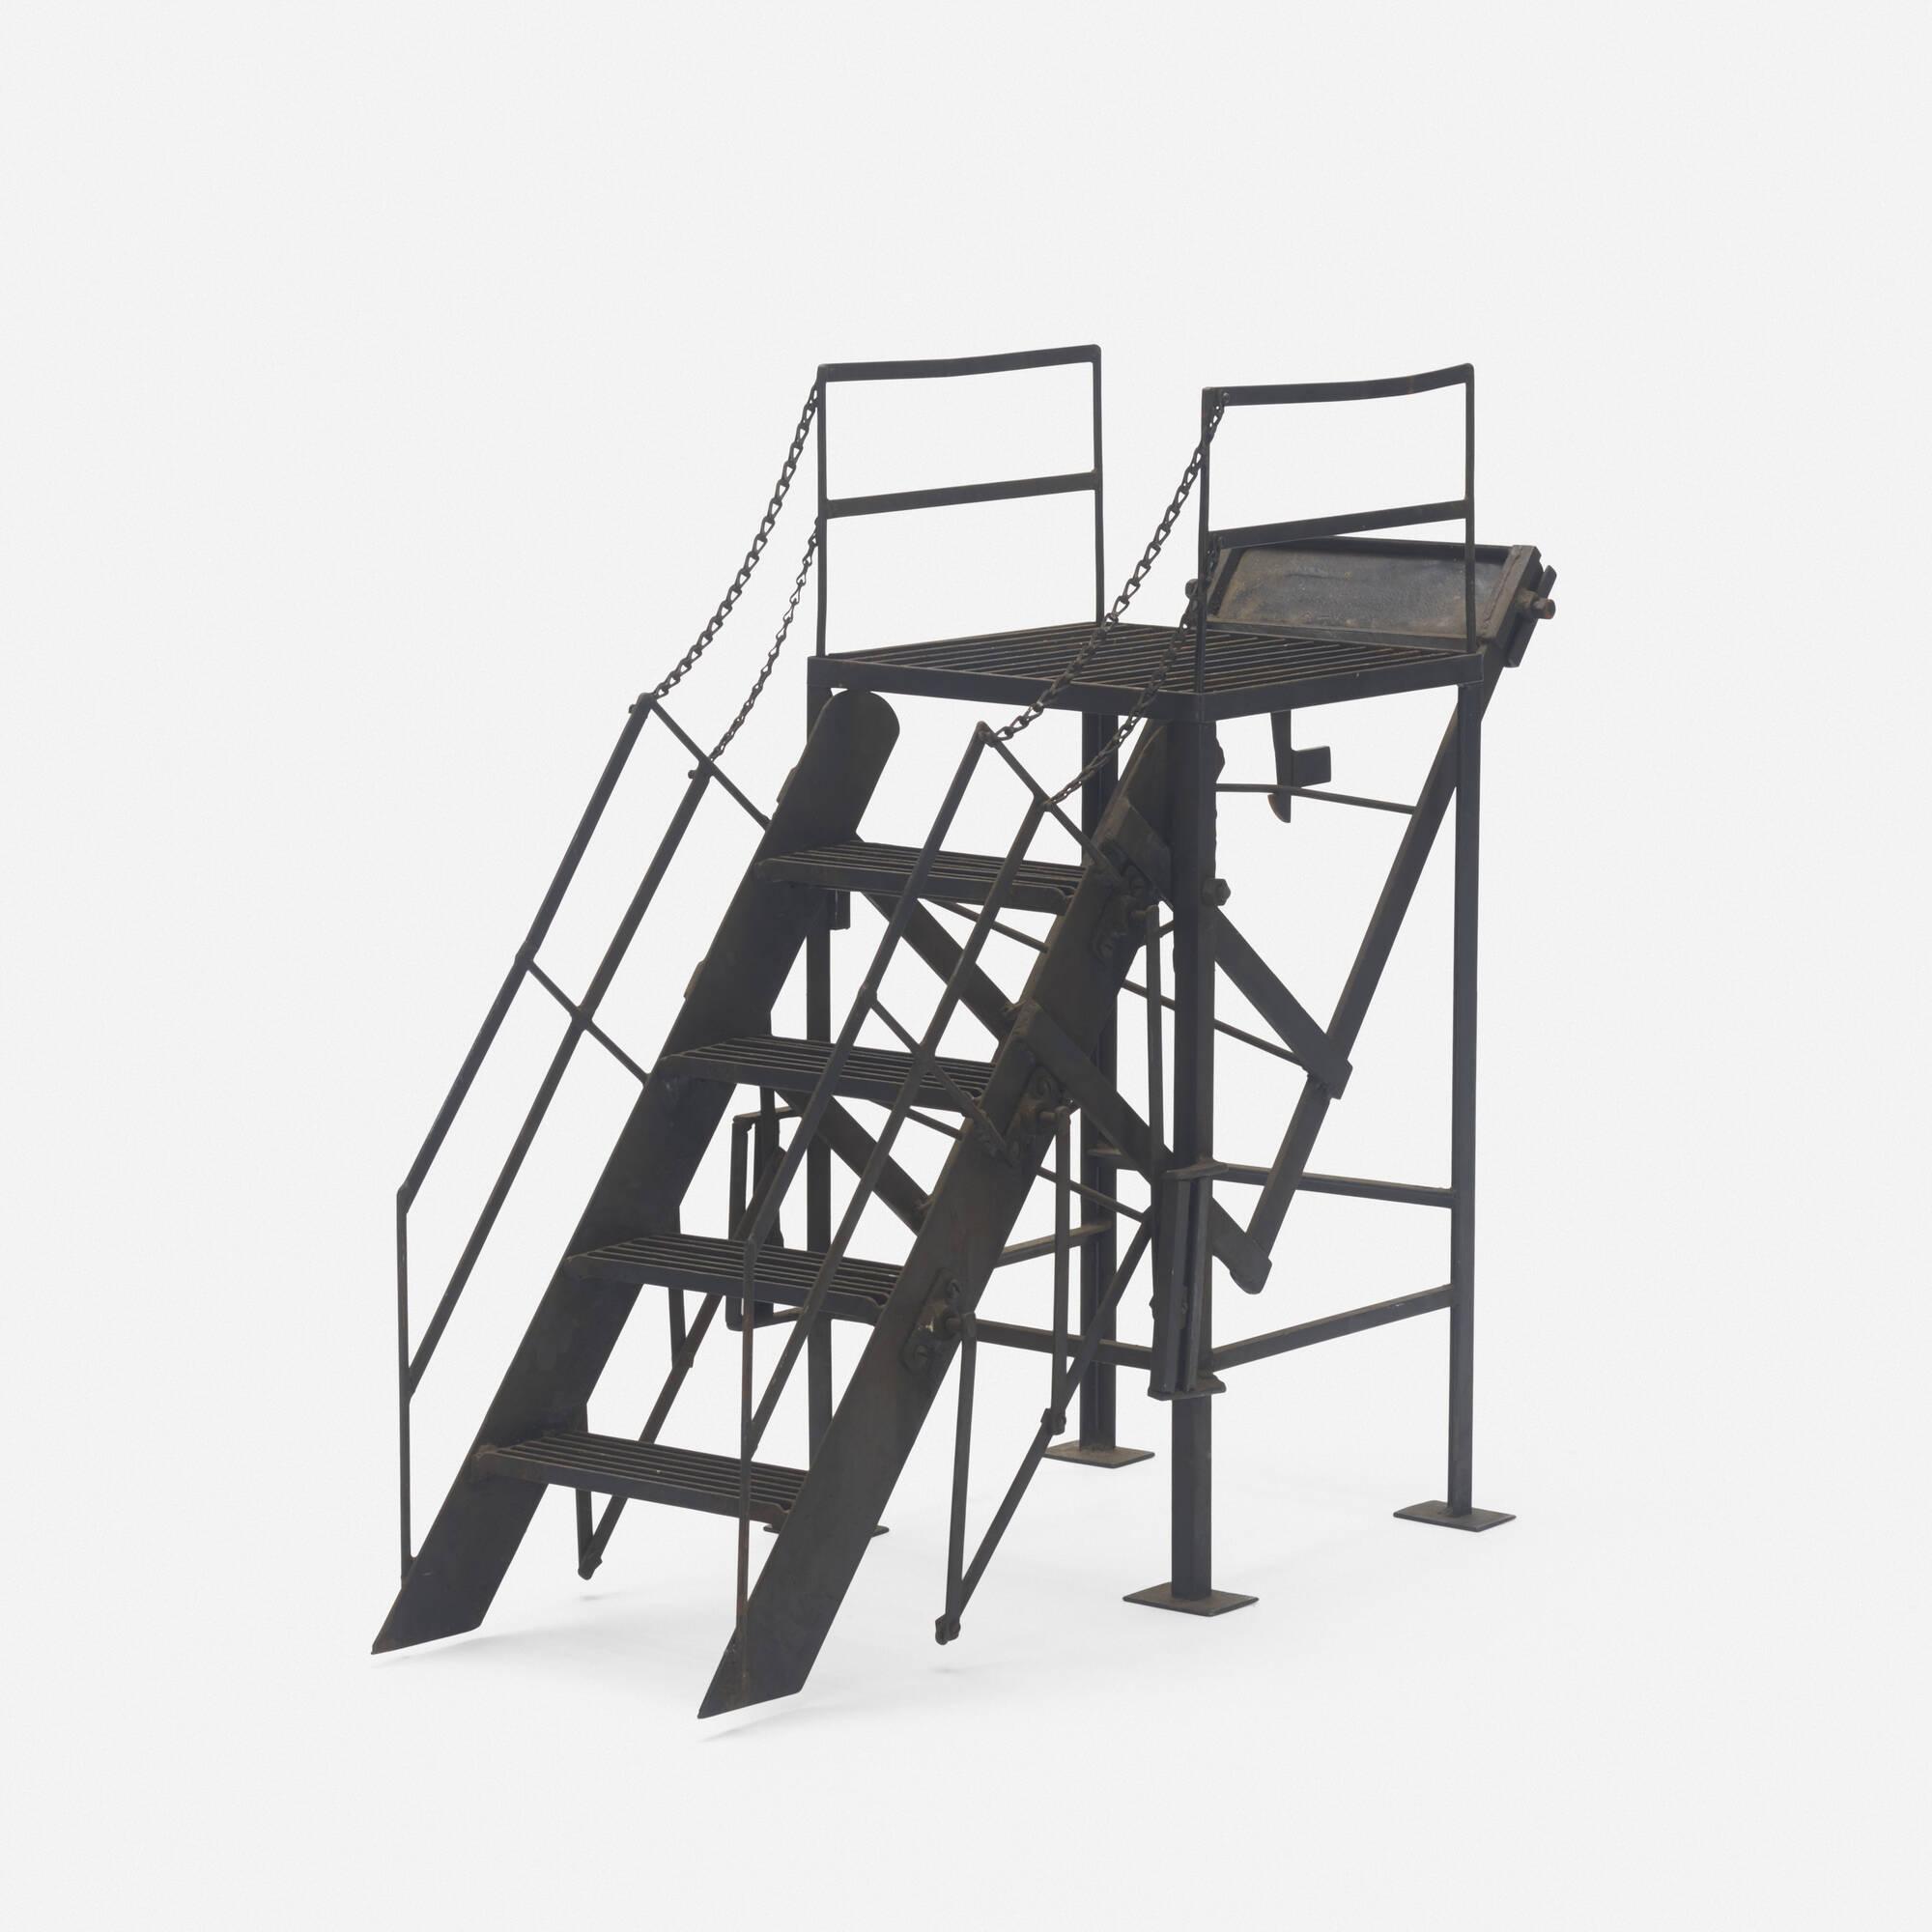 250: American / salesman's sample fire escape (1 of 2)